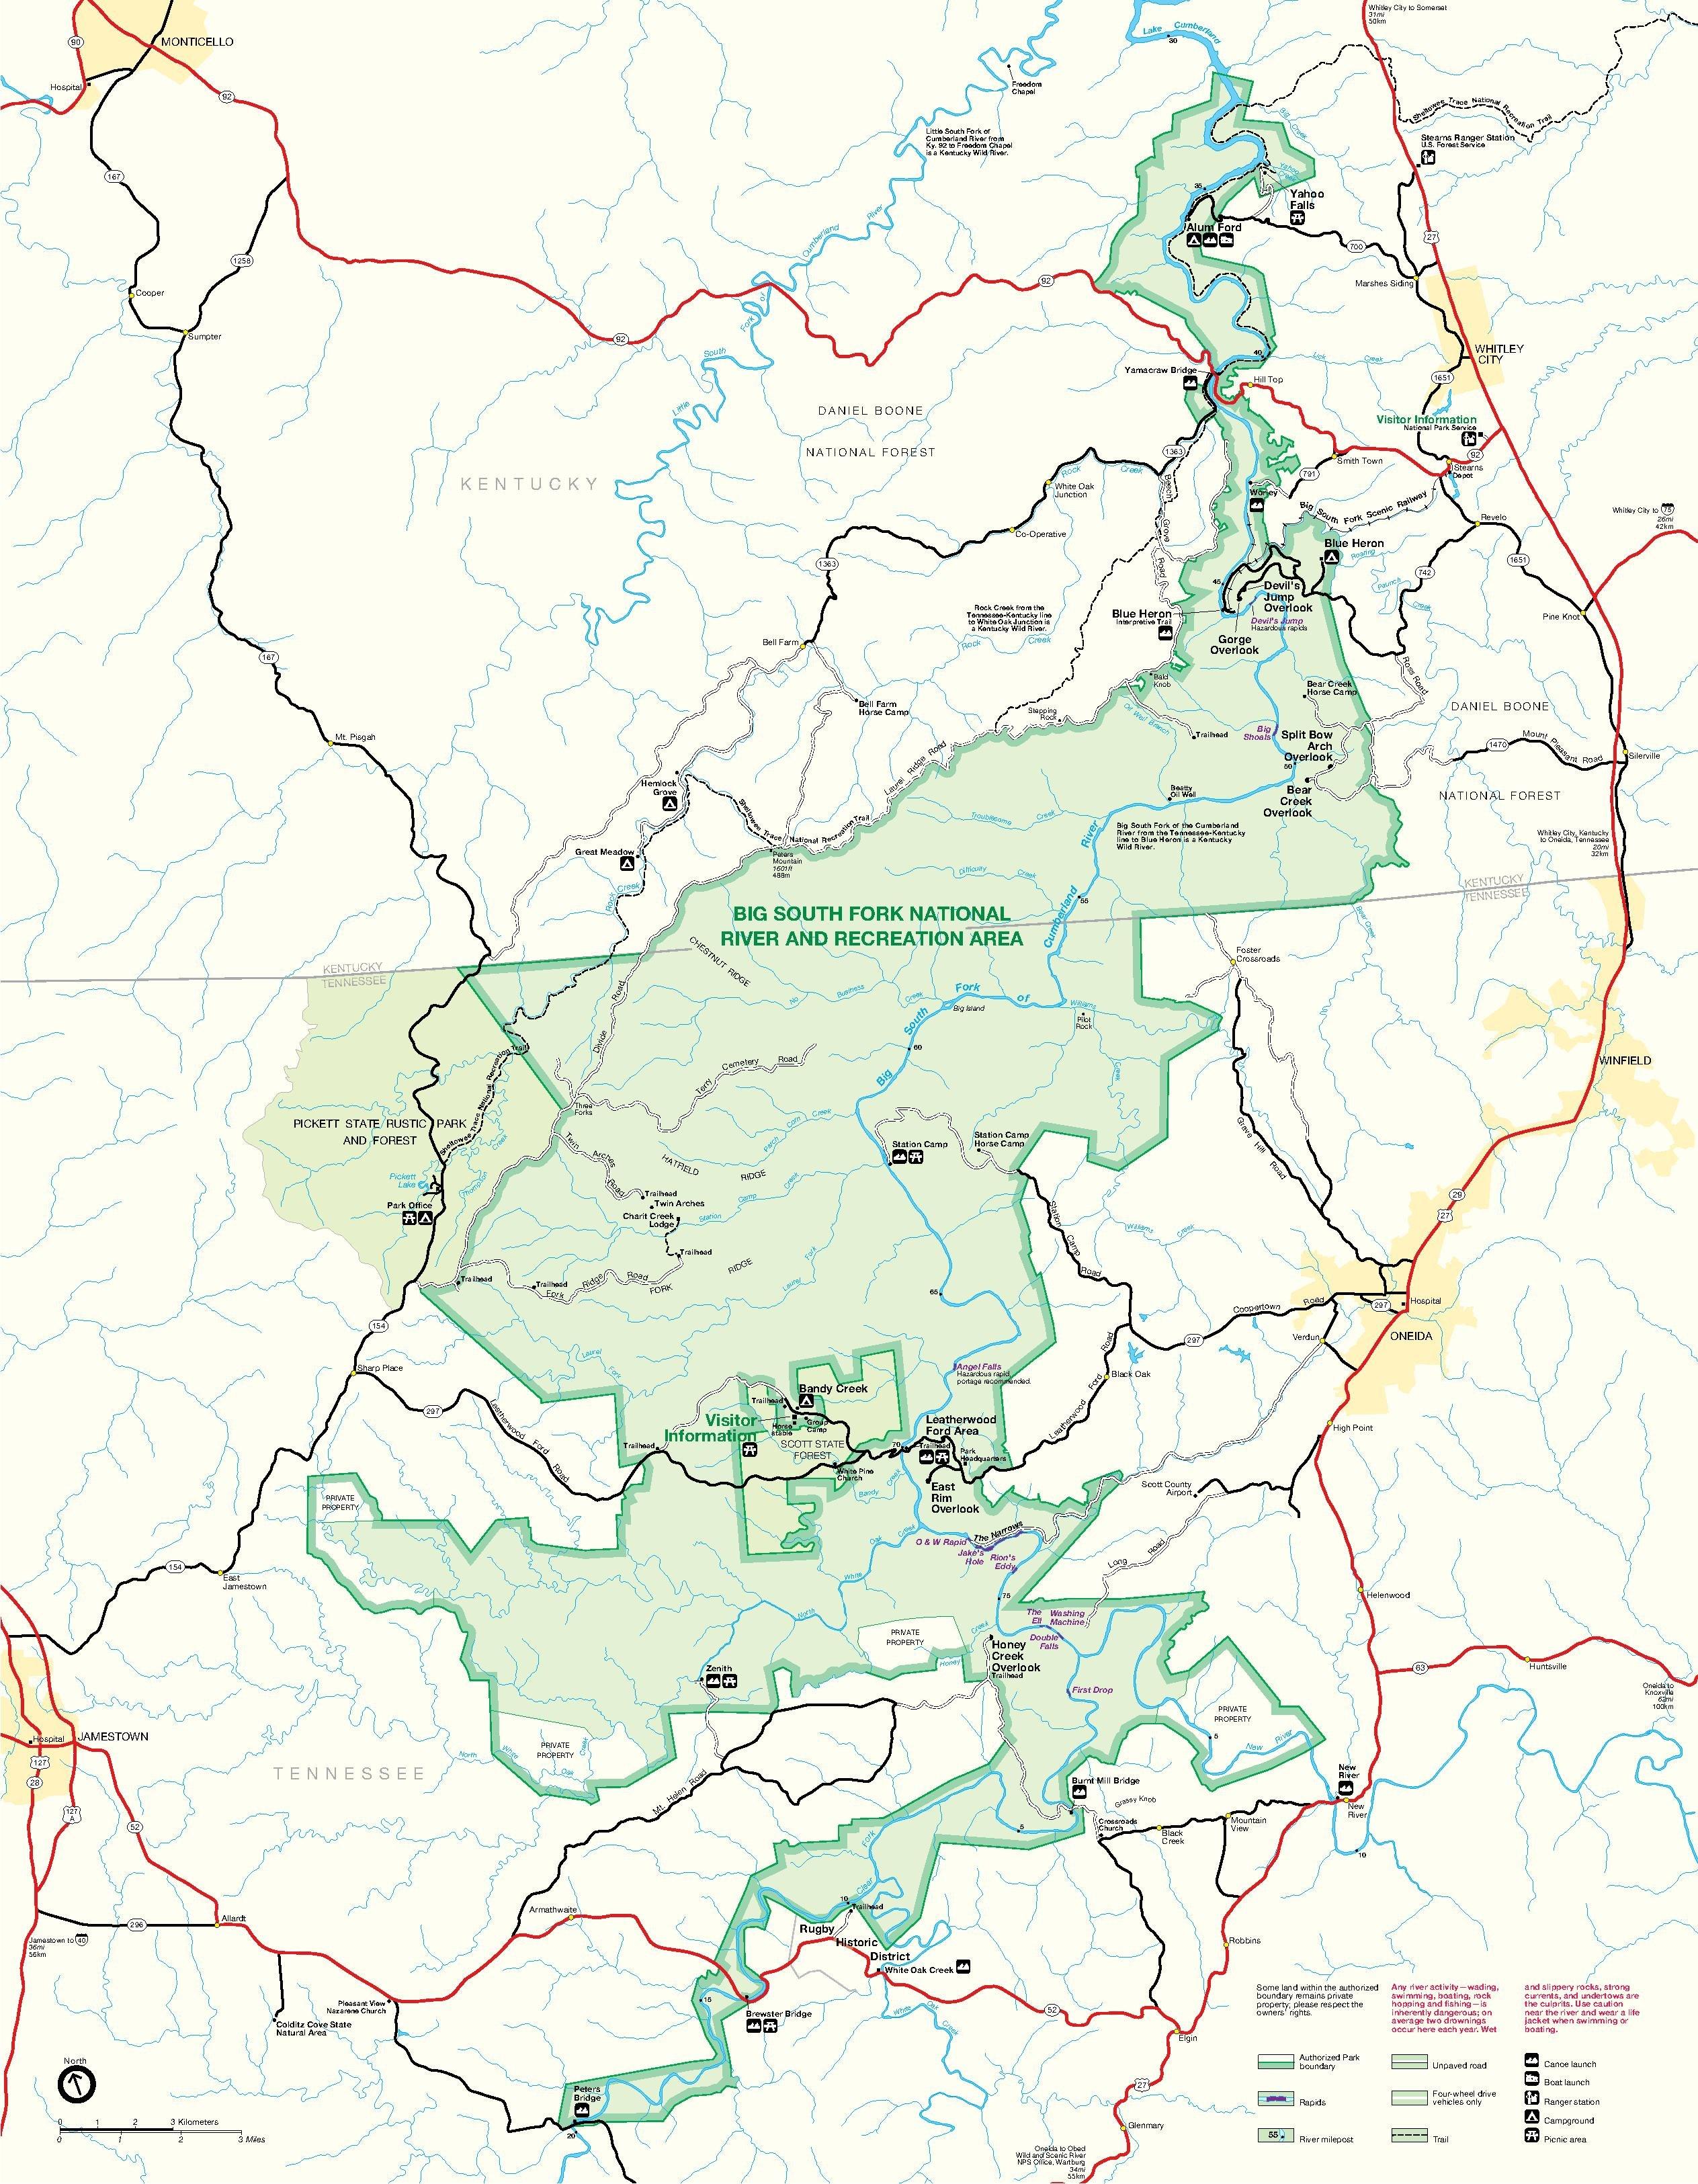 Filebig south fork national park service mappdf wikimedia commons filebig south fork national park service mappdf gumiabroncs Choice Image